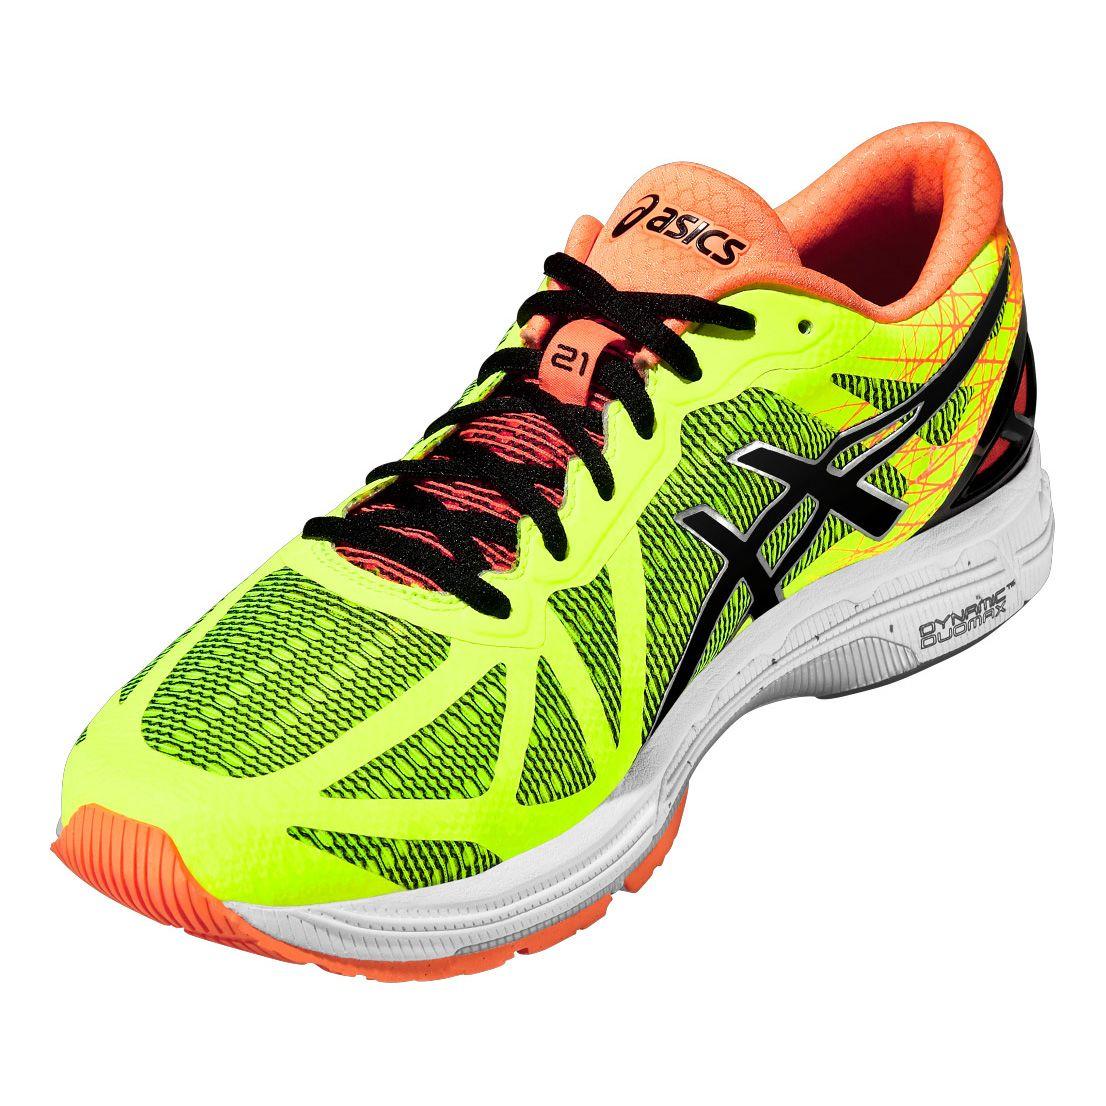 asics gel ds trainer 21 mens running shoes. Black Bedroom Furniture Sets. Home Design Ideas